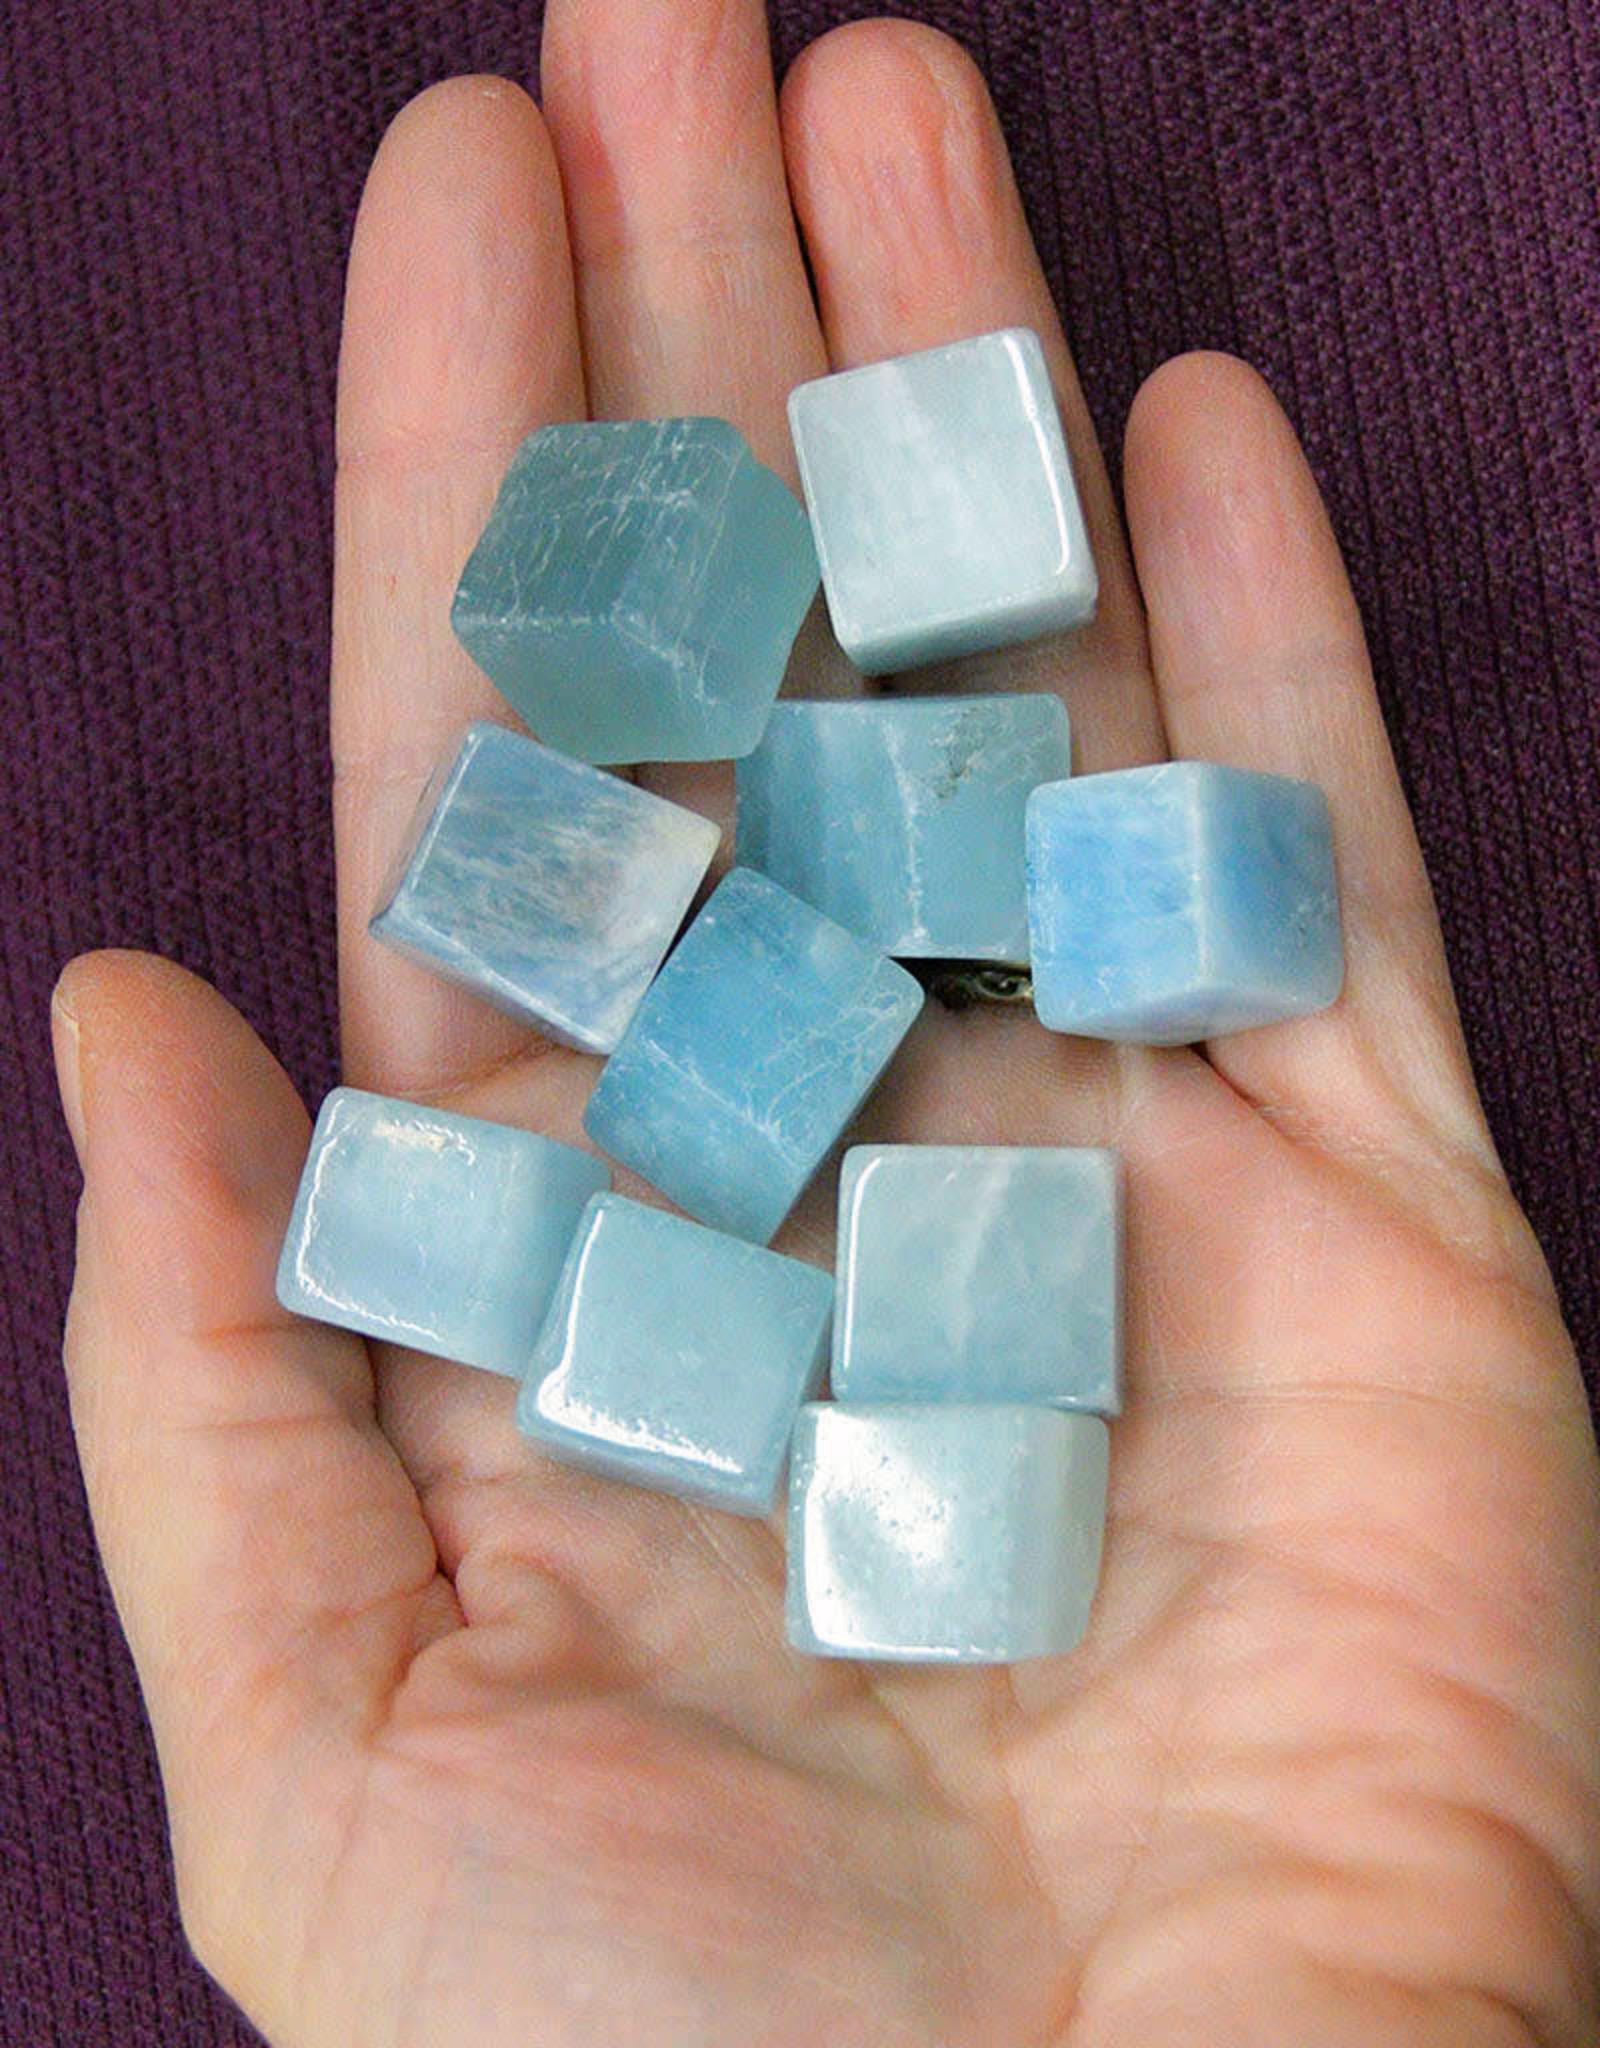 Aquamarine Cube $6